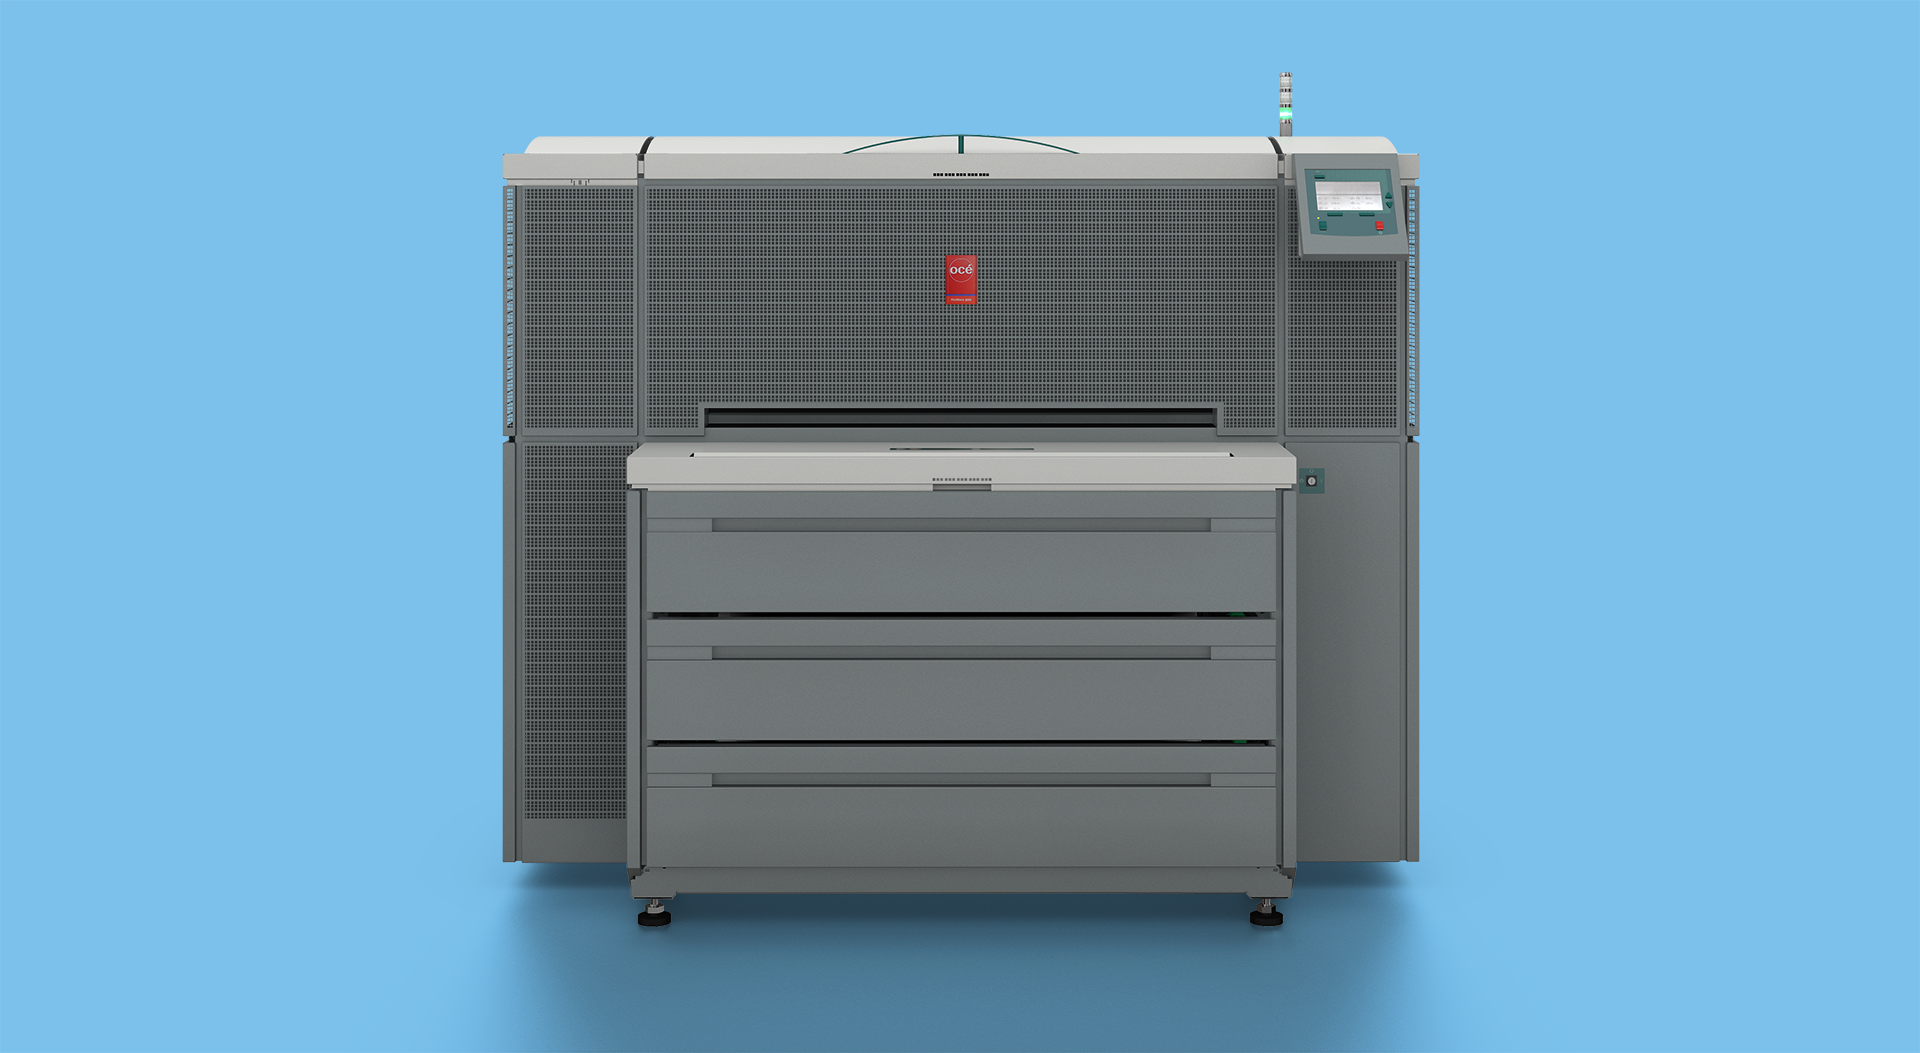 Принтеры с широкой душой. Краткий гид по устройствам для широкоформатной печати Canon - 6